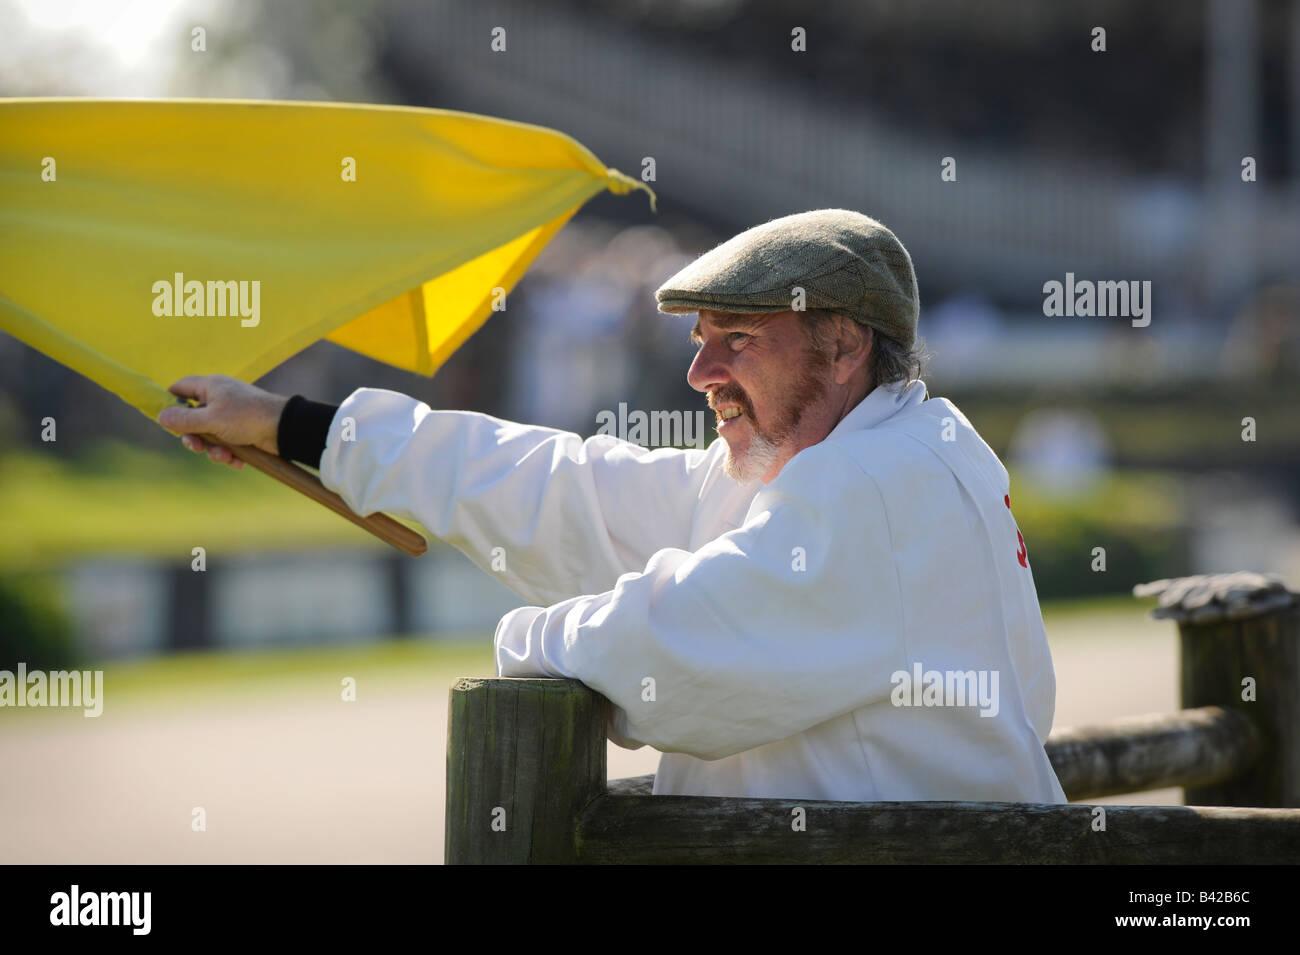 Goodwood Revival 2008 ein Rennen Marschall eine gelbe Flagge winken. Bild von Jim Holden. Stockbild